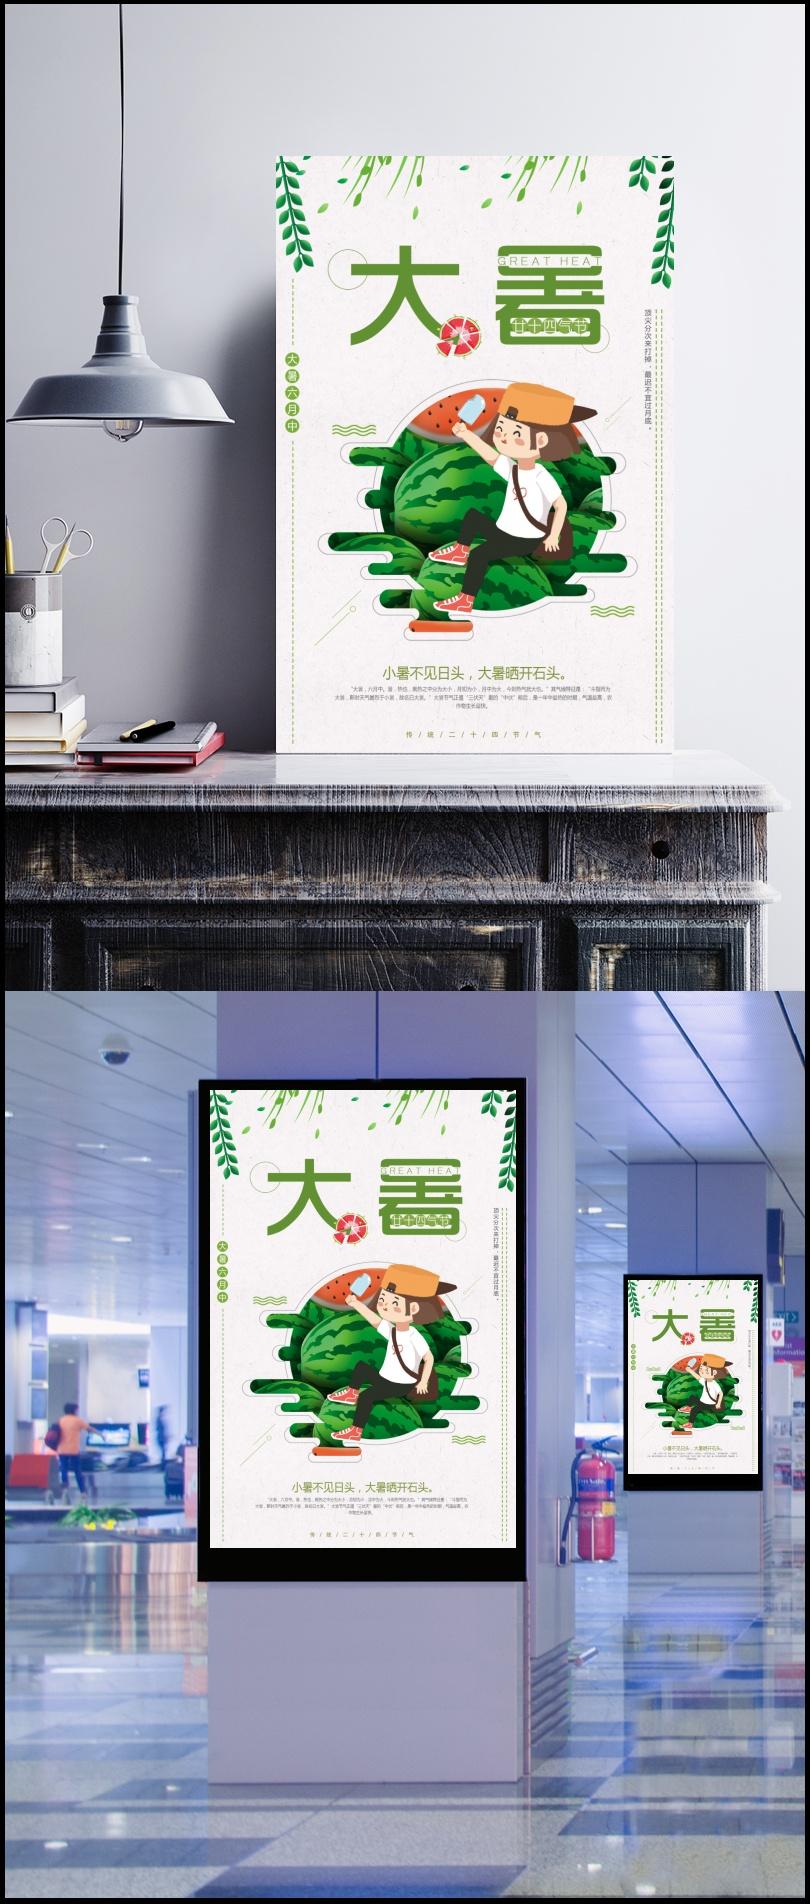 小清新吃西瓜大暑节气海报